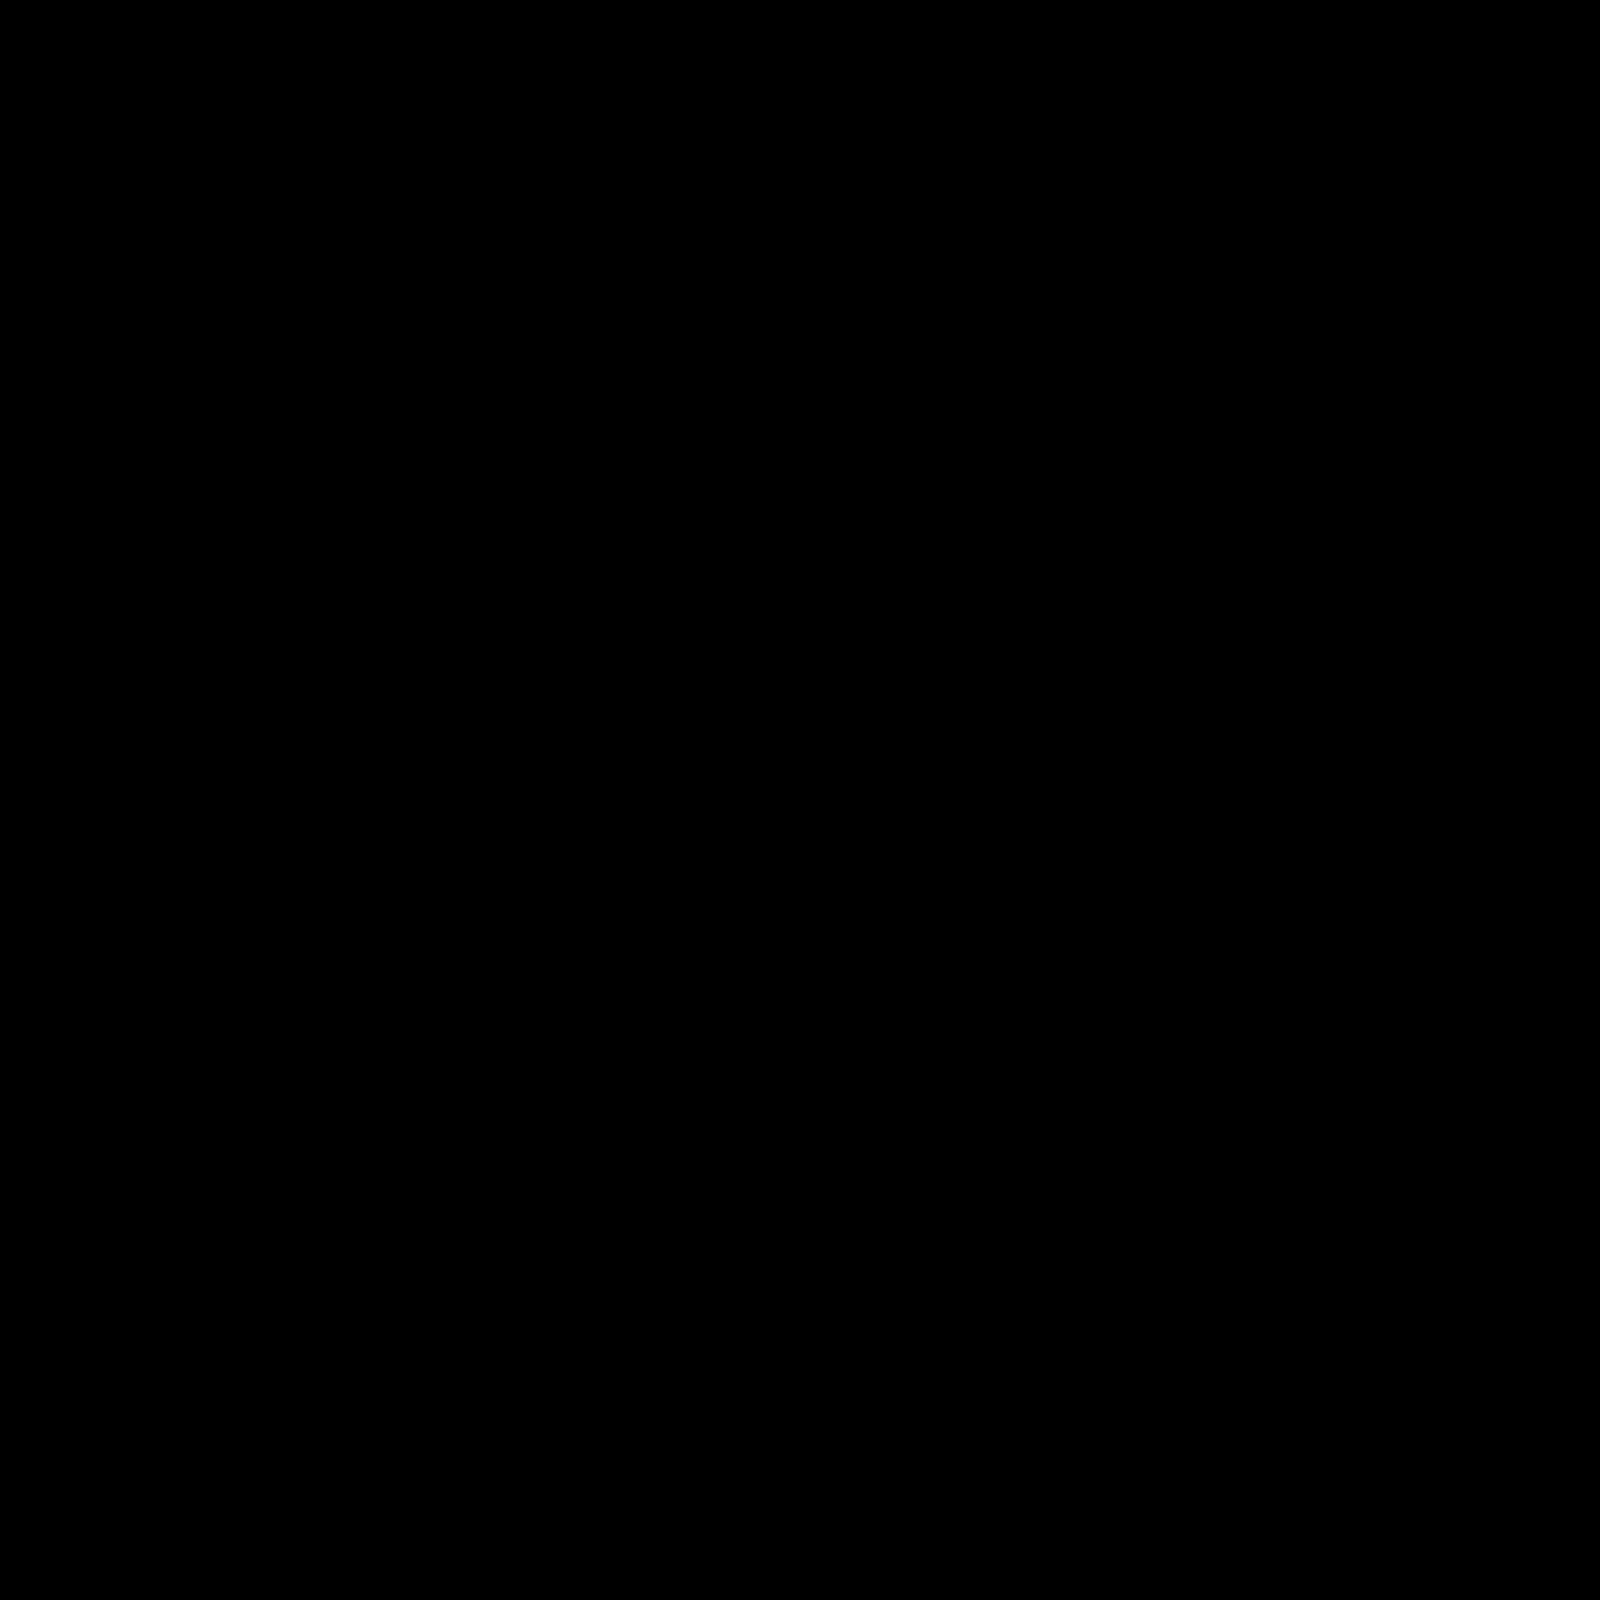 kalliope